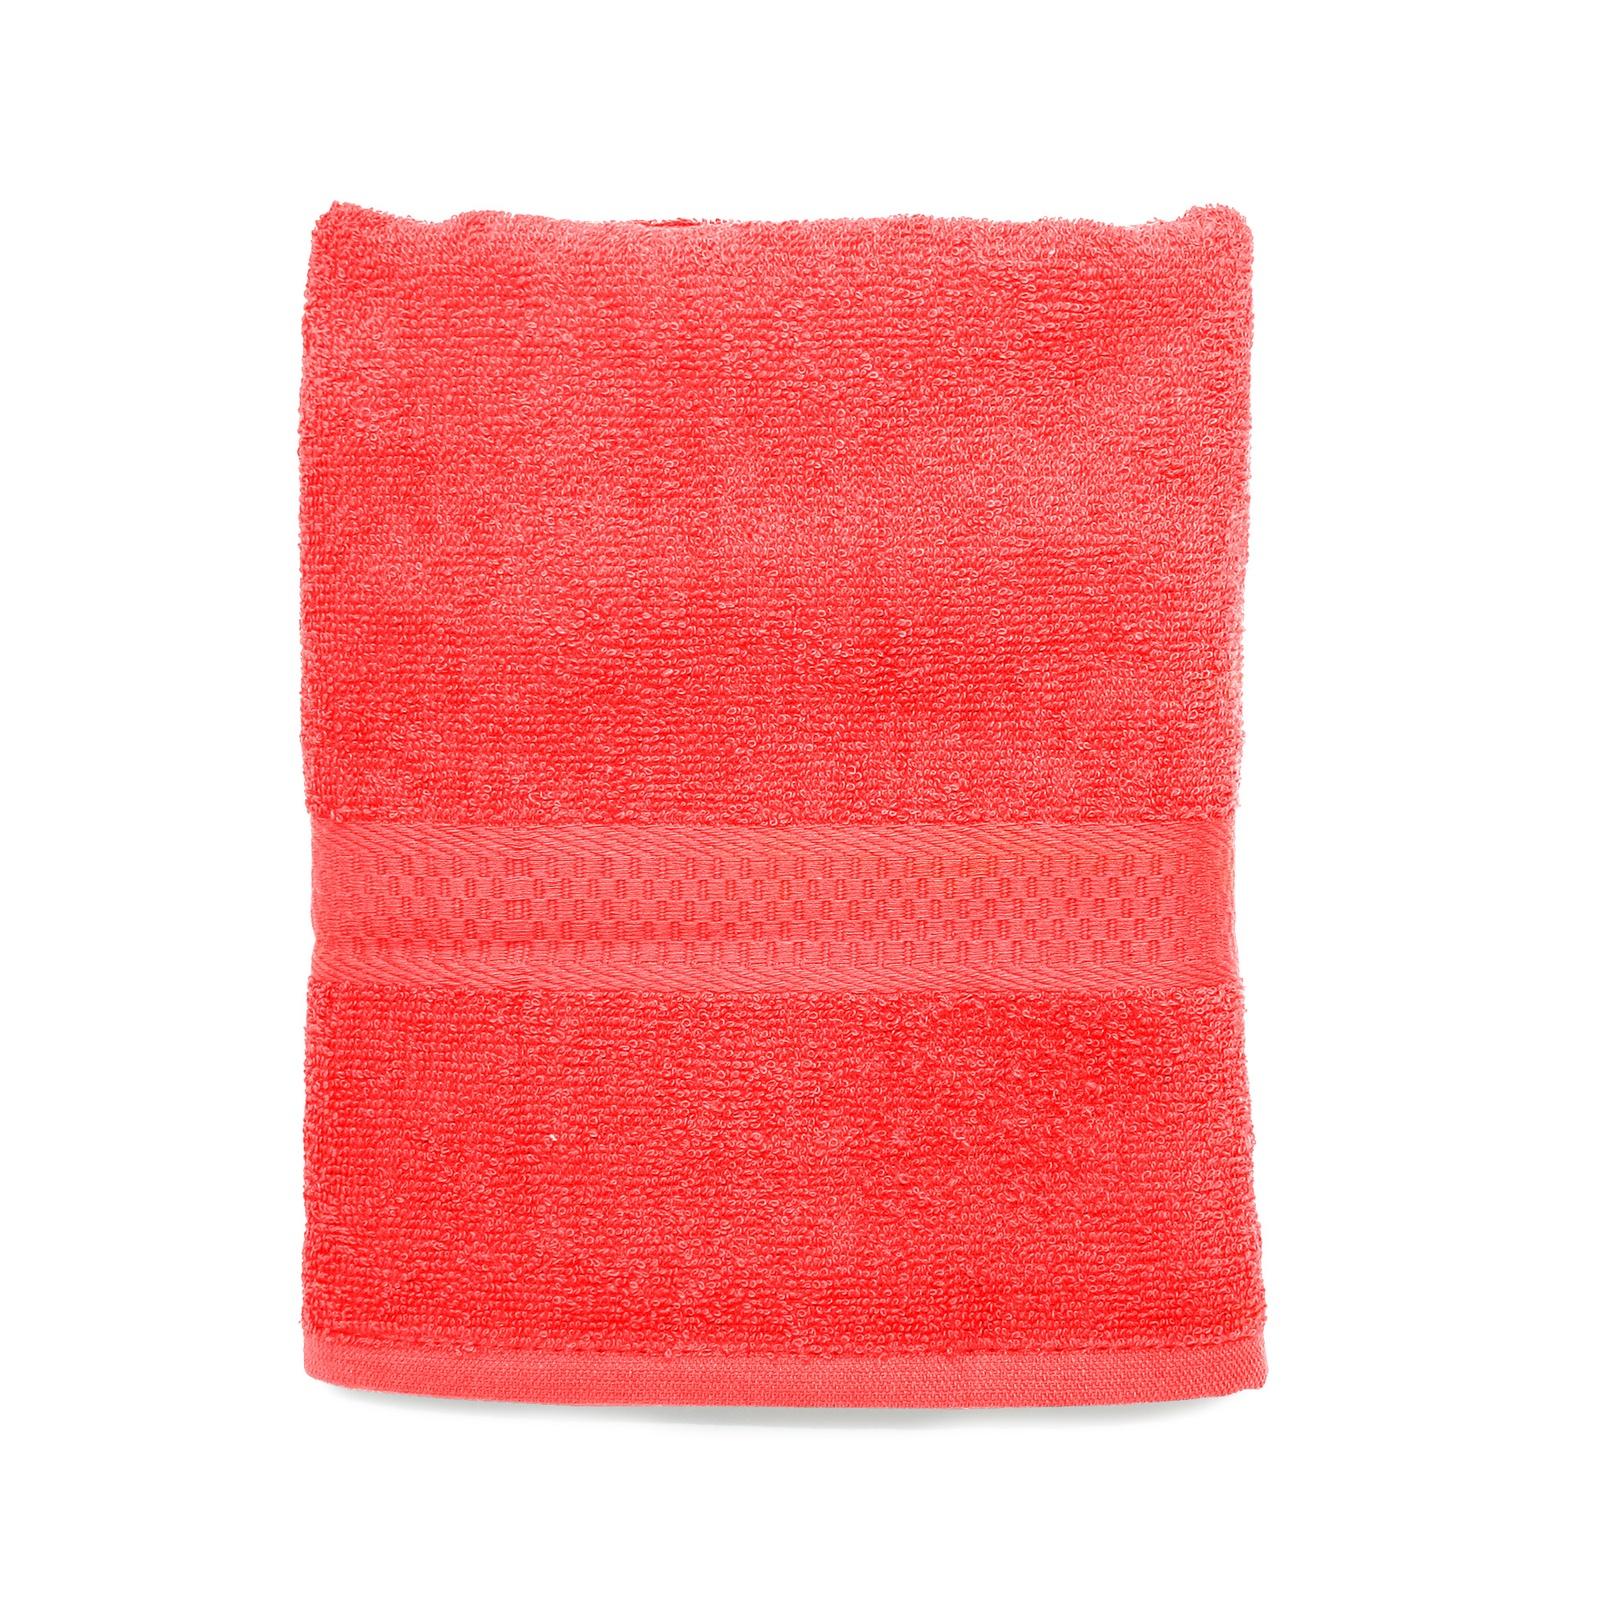 Полотенце банное Spany, 21311318180, махровое, красный, 50 х 90 см полотенце банное fiesta arabesca 50 90 см